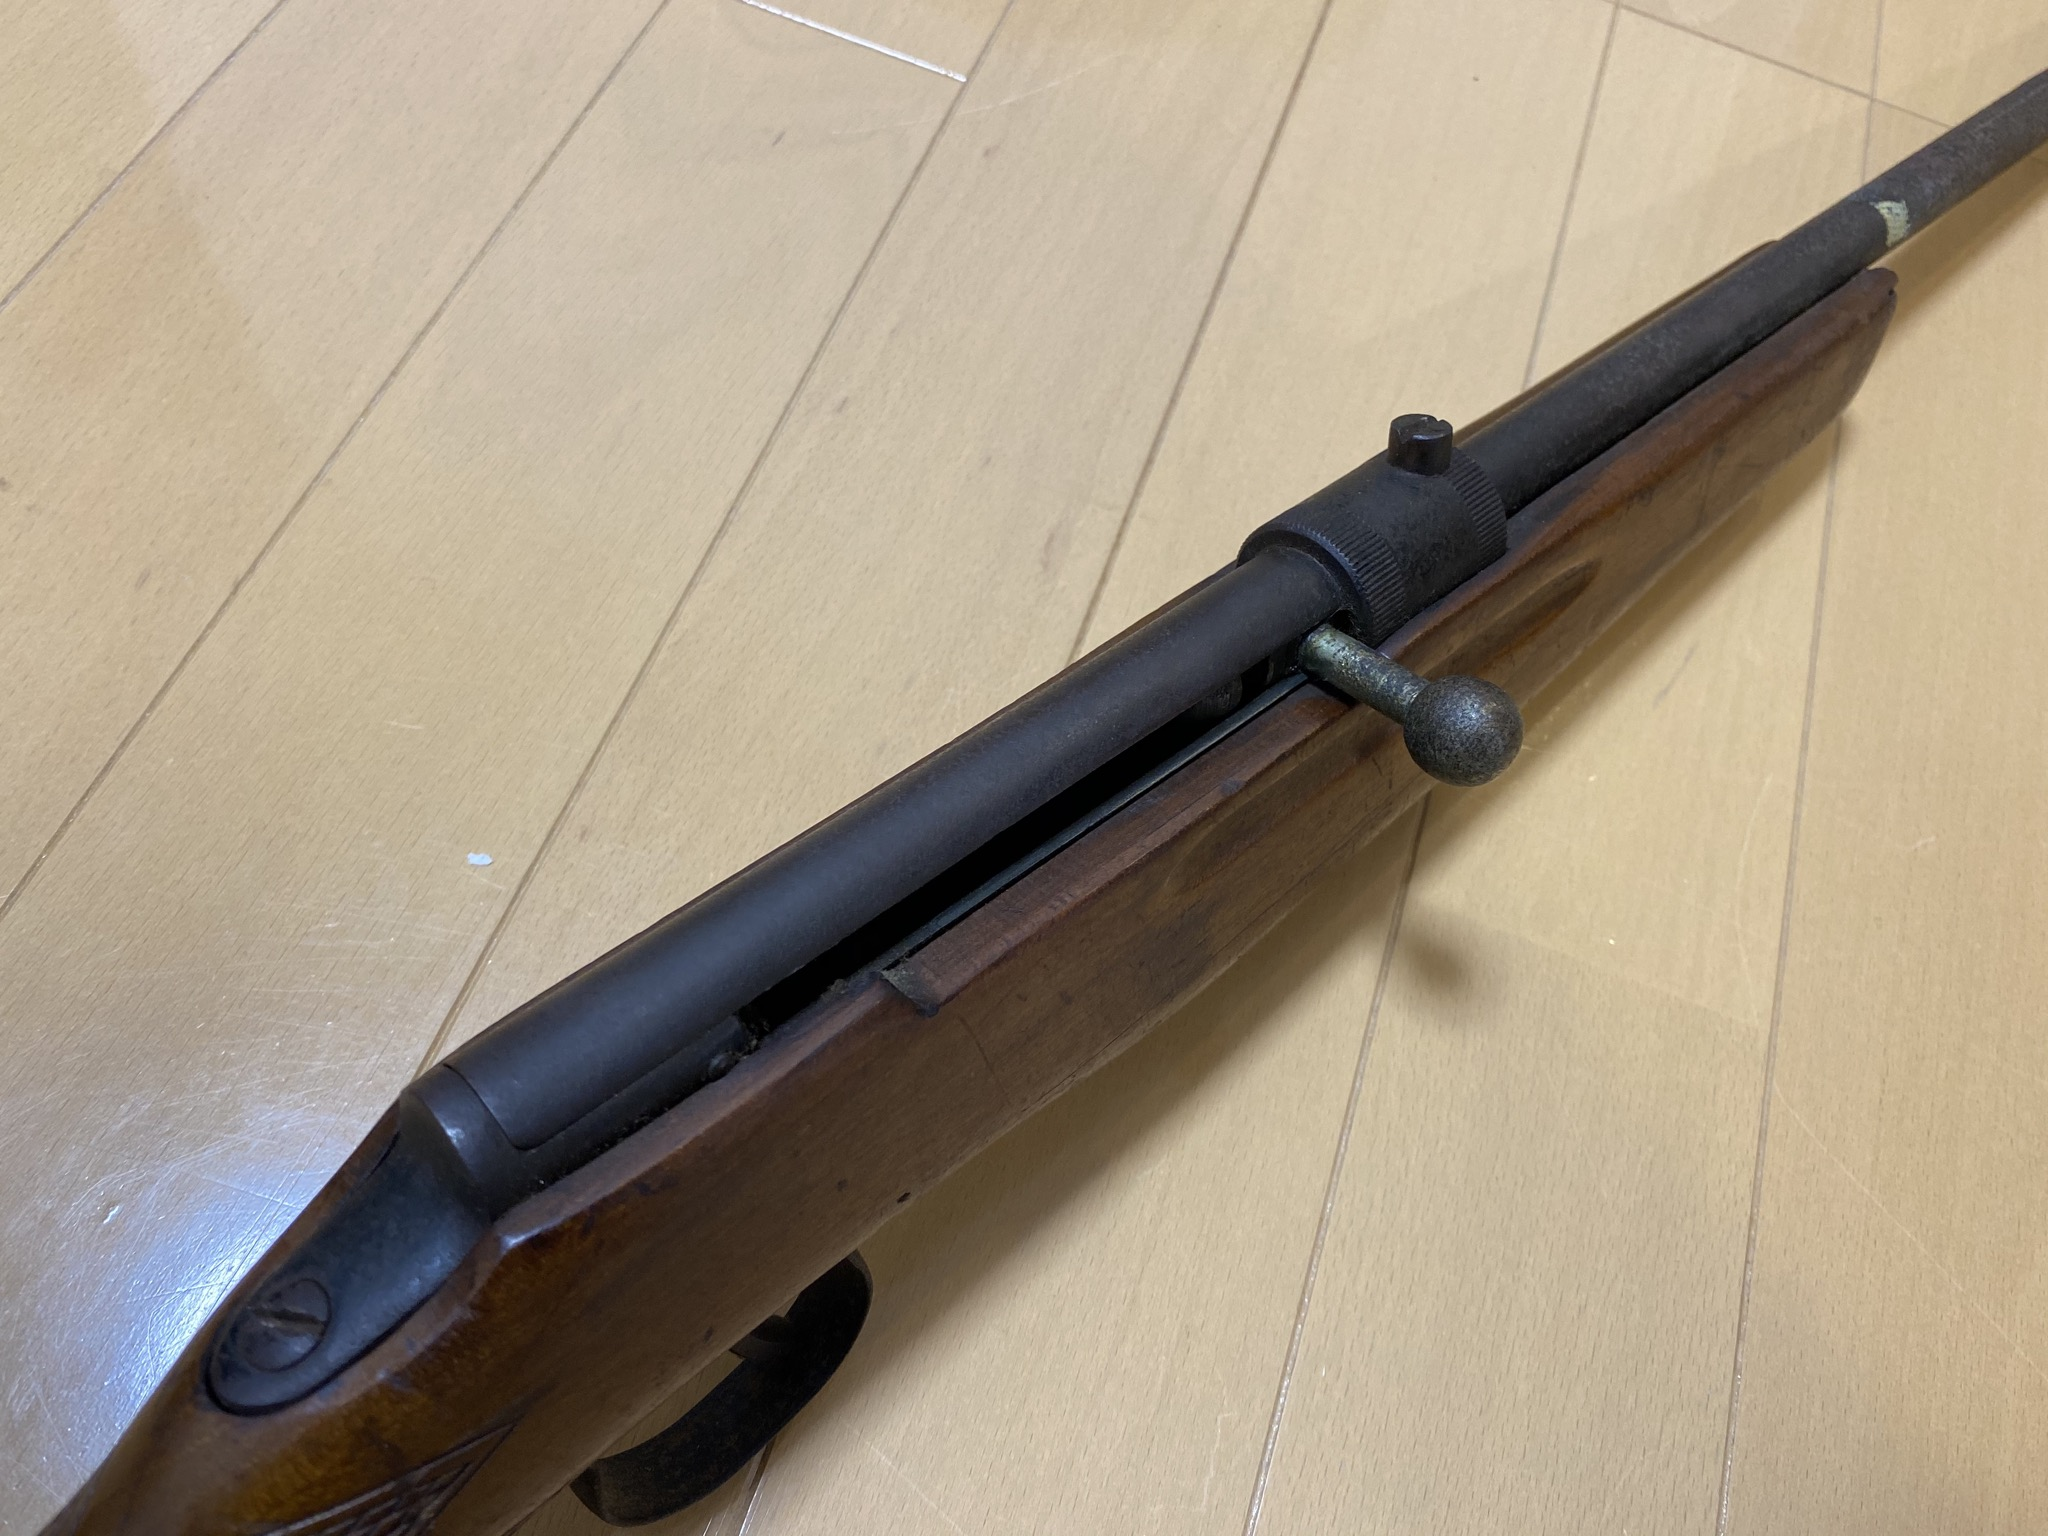 0A09B446 B378 45F0 9663 C24CB5041ADC - 射的銃(コルク)のレストアpart1